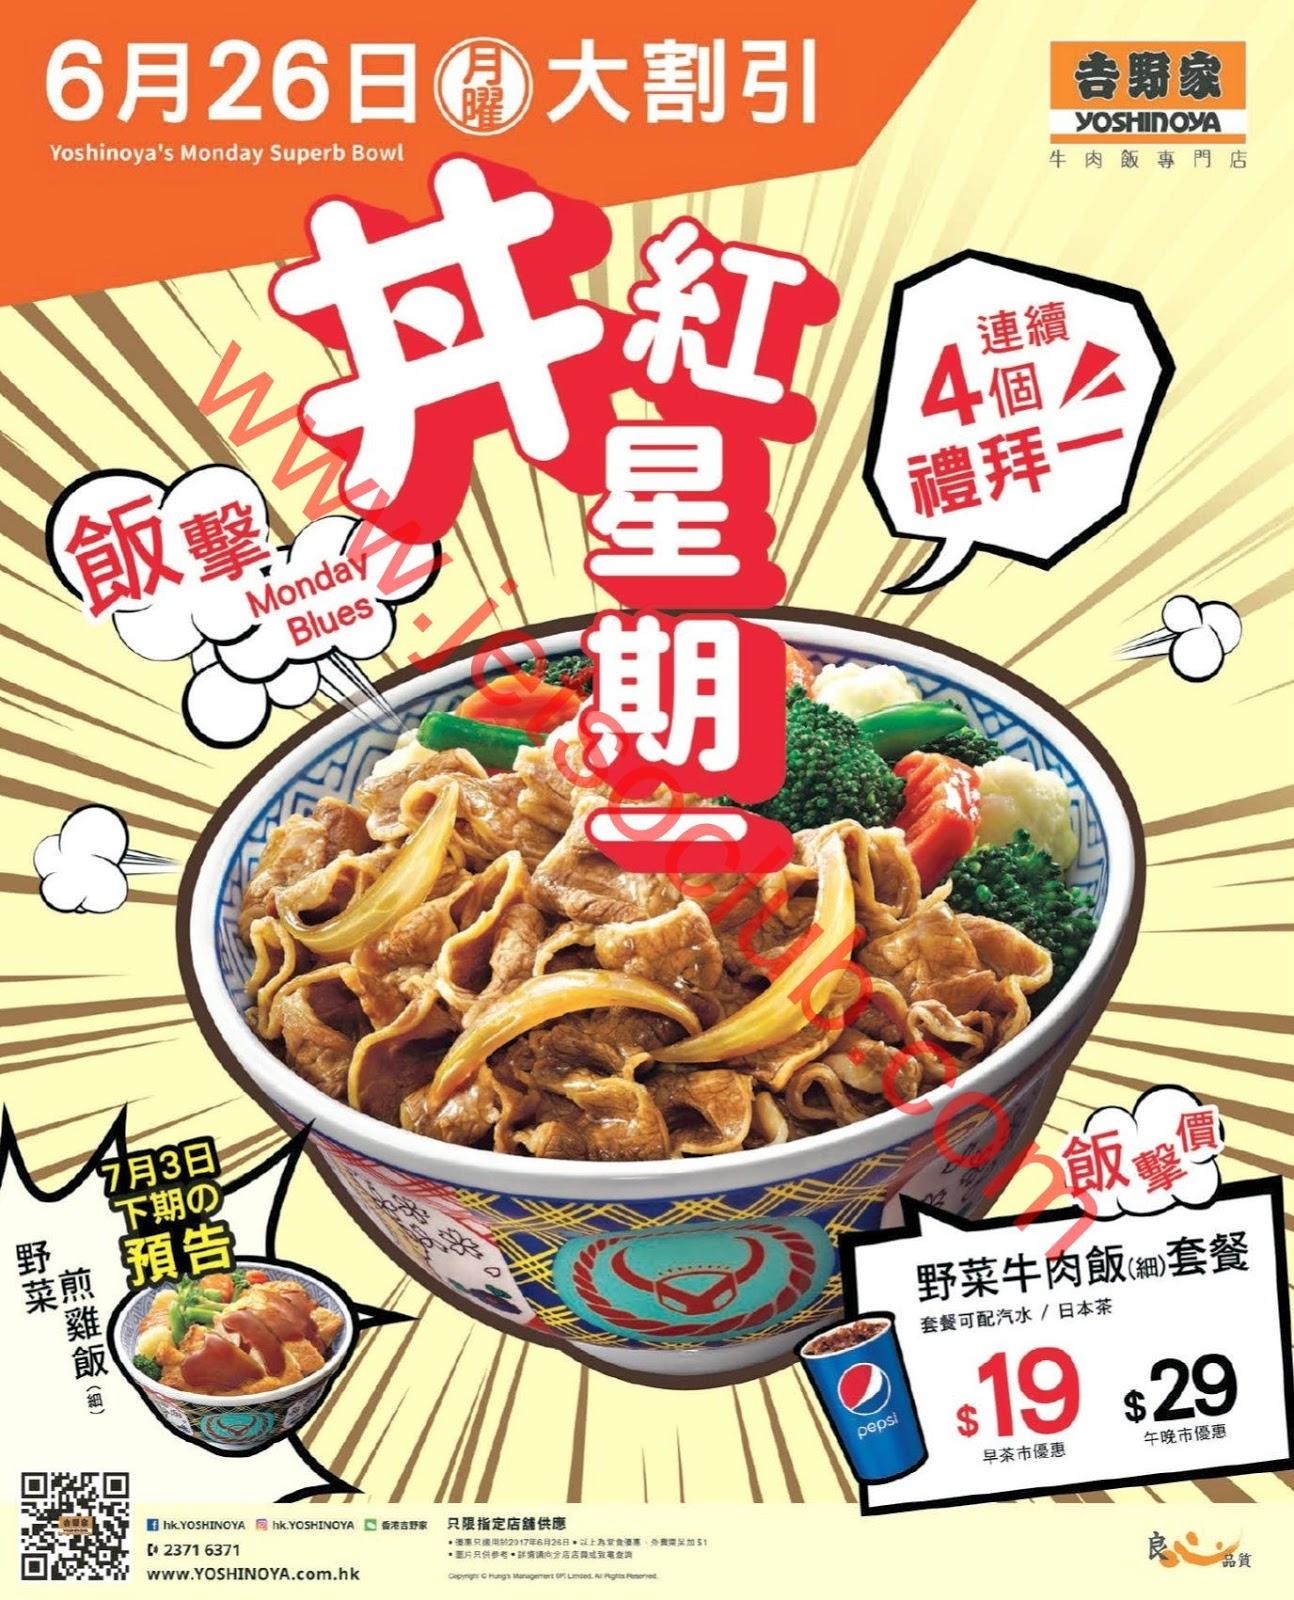 吉野家:野菜牛肉飯套餐 $19起(26/6) ( Jetso Club 著數俱樂部 )